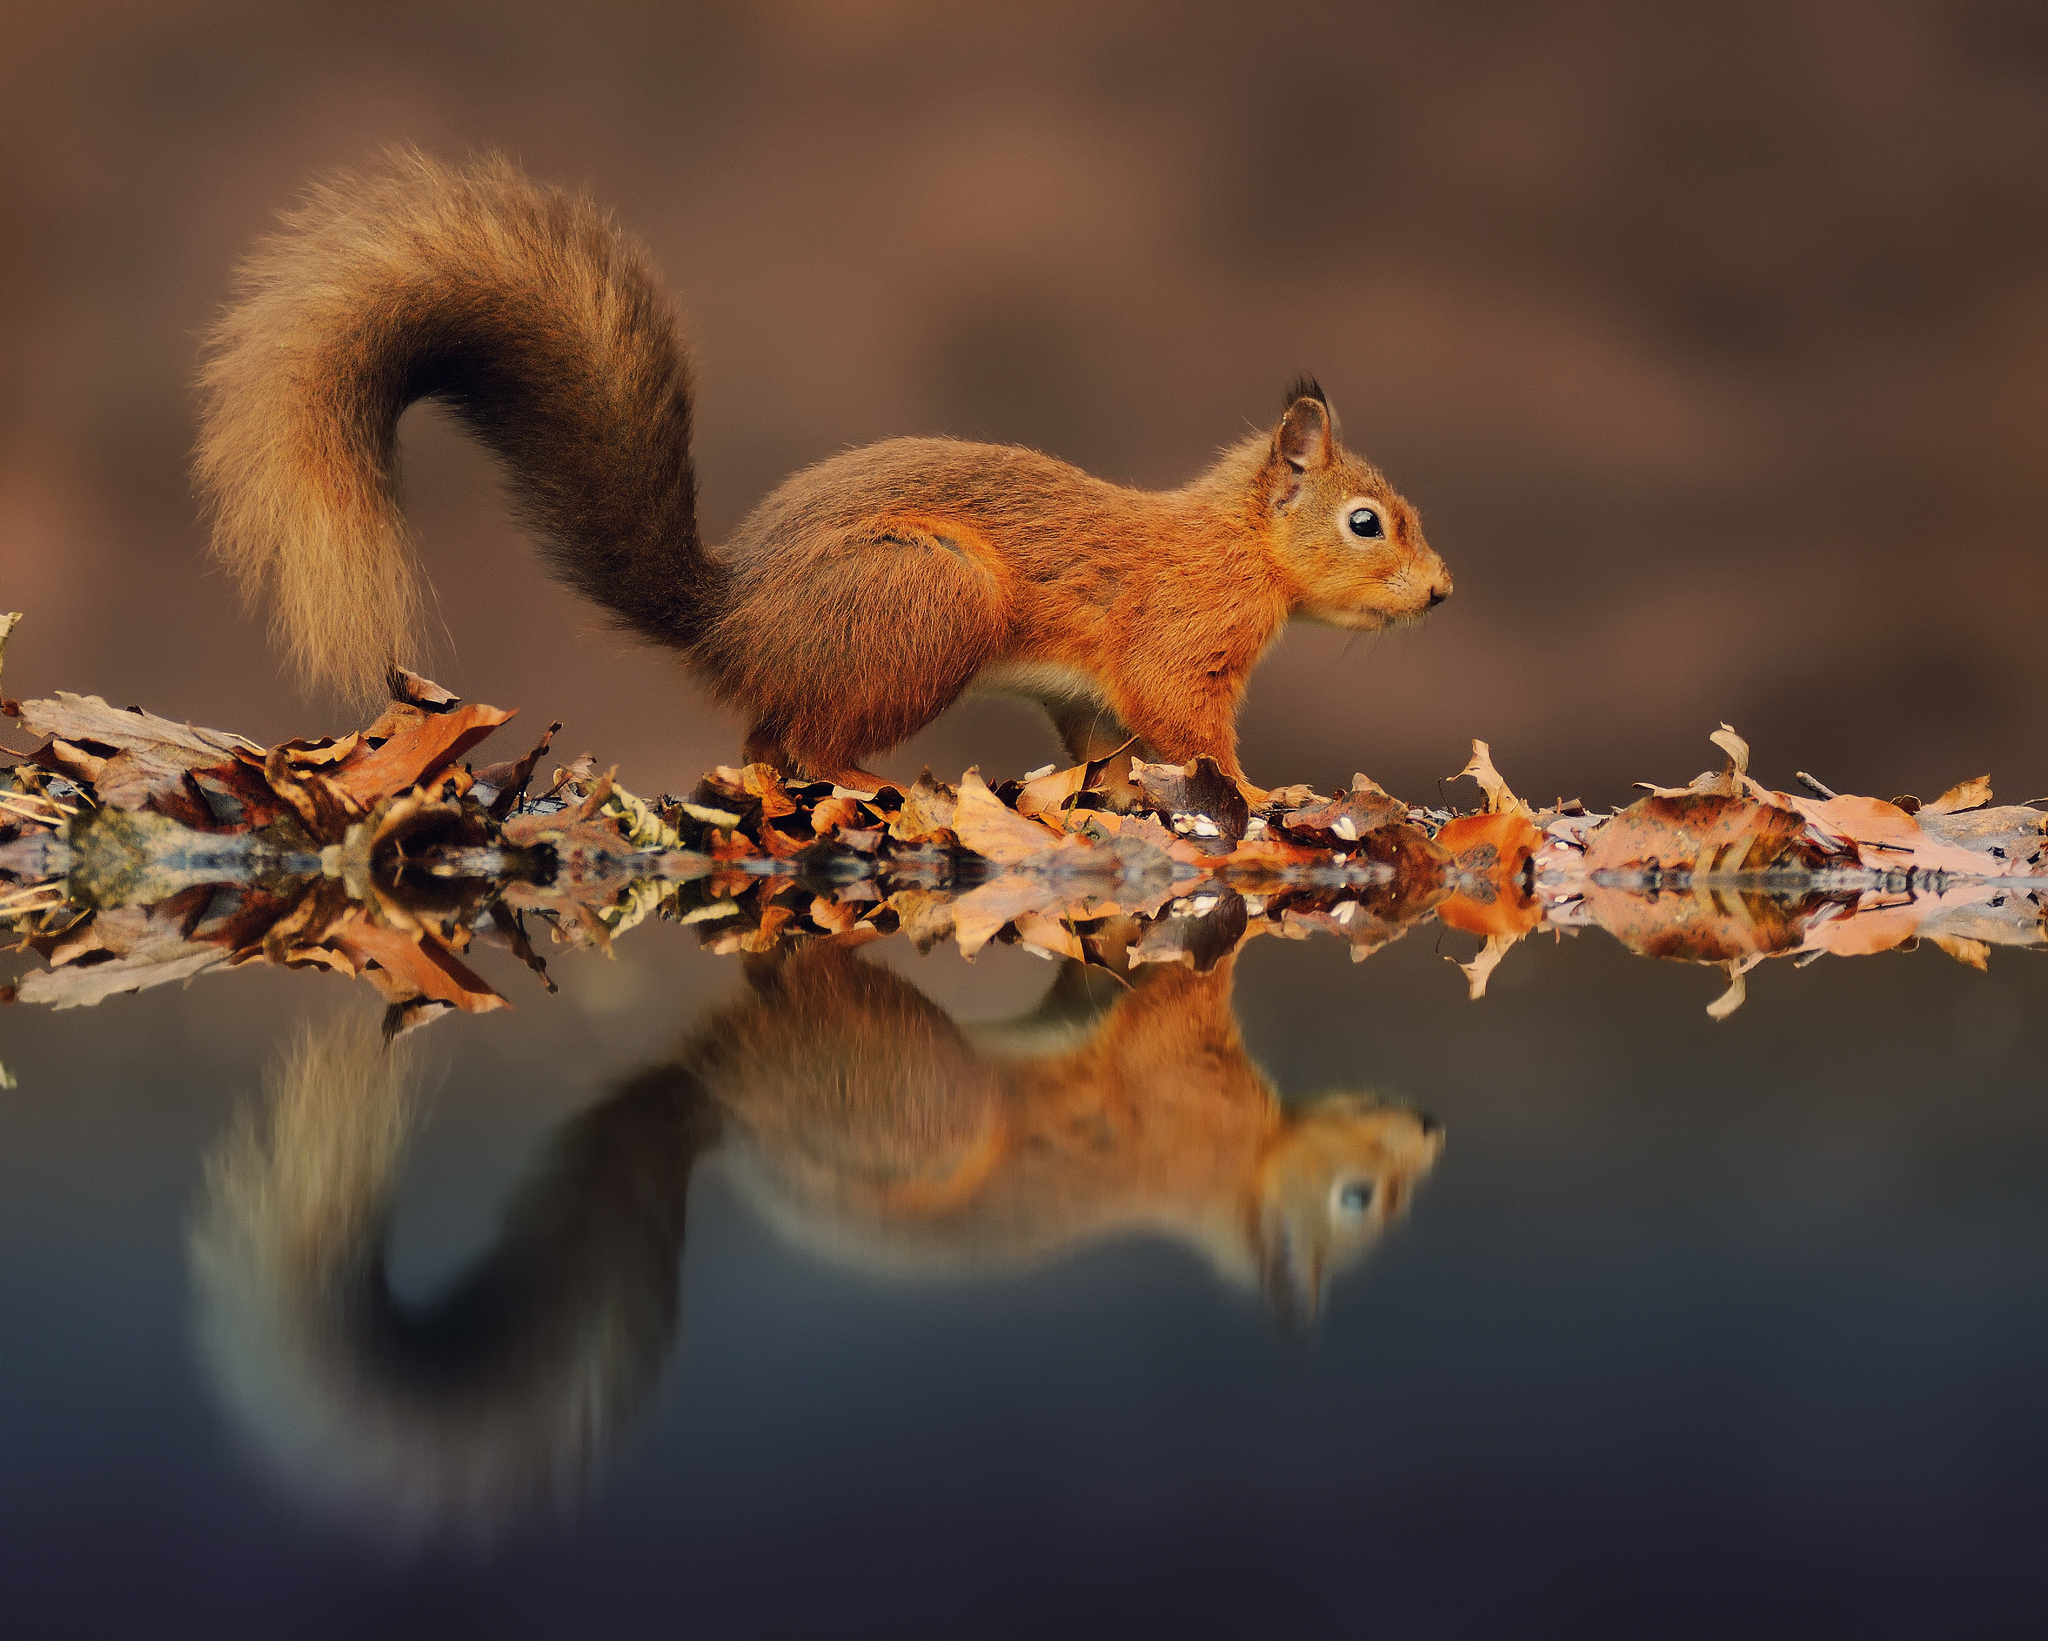 природа животные кролик листья осень деревья  № 2035300 бесплатно